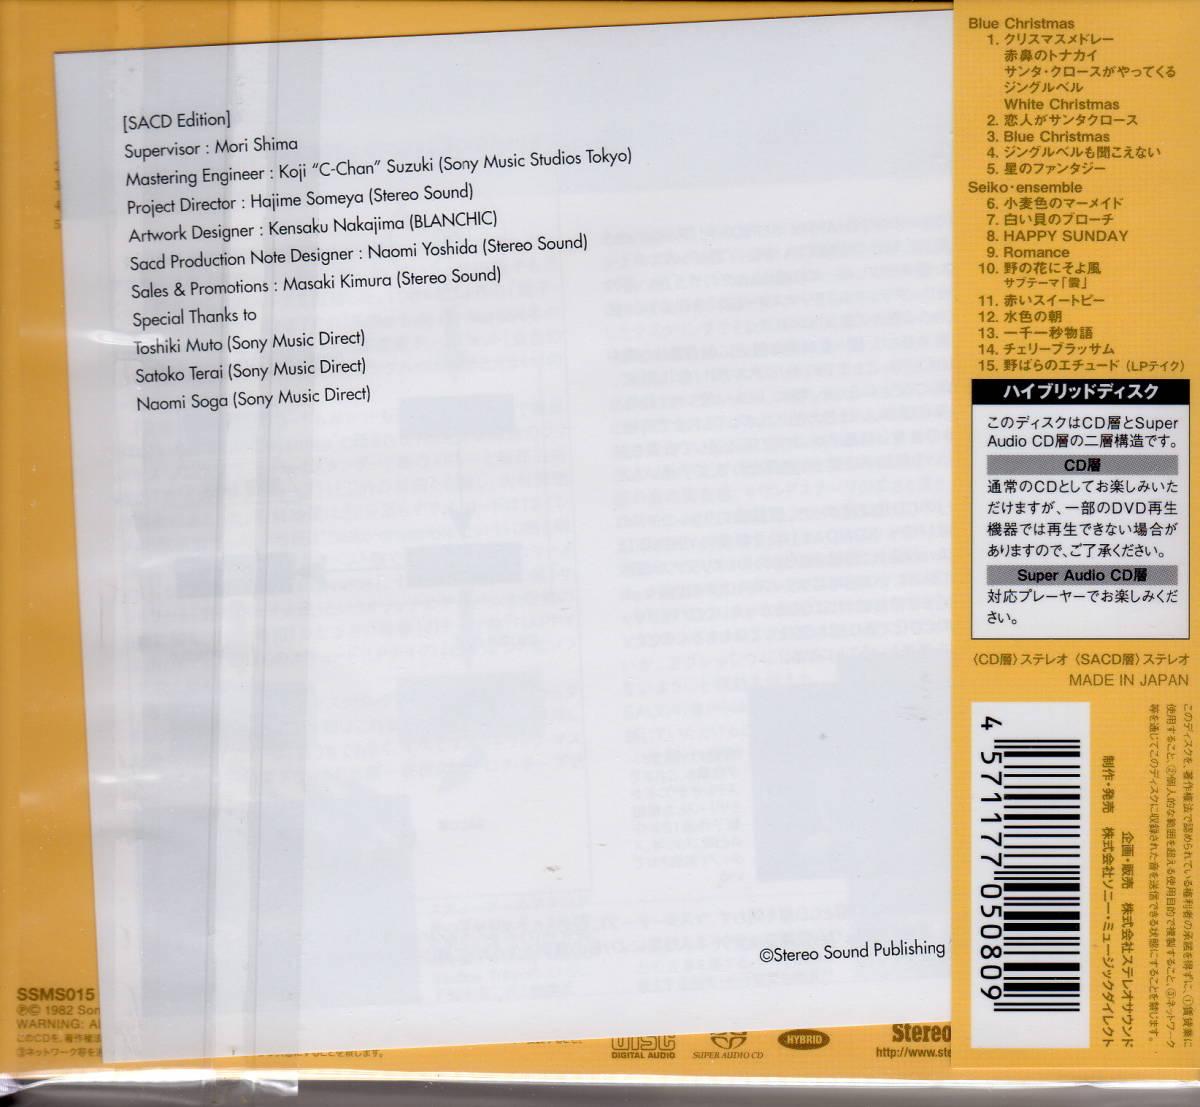 ♪♪未開封【SACDハイブリッド】松田聖子「金色のリボン」♪♪_画像2